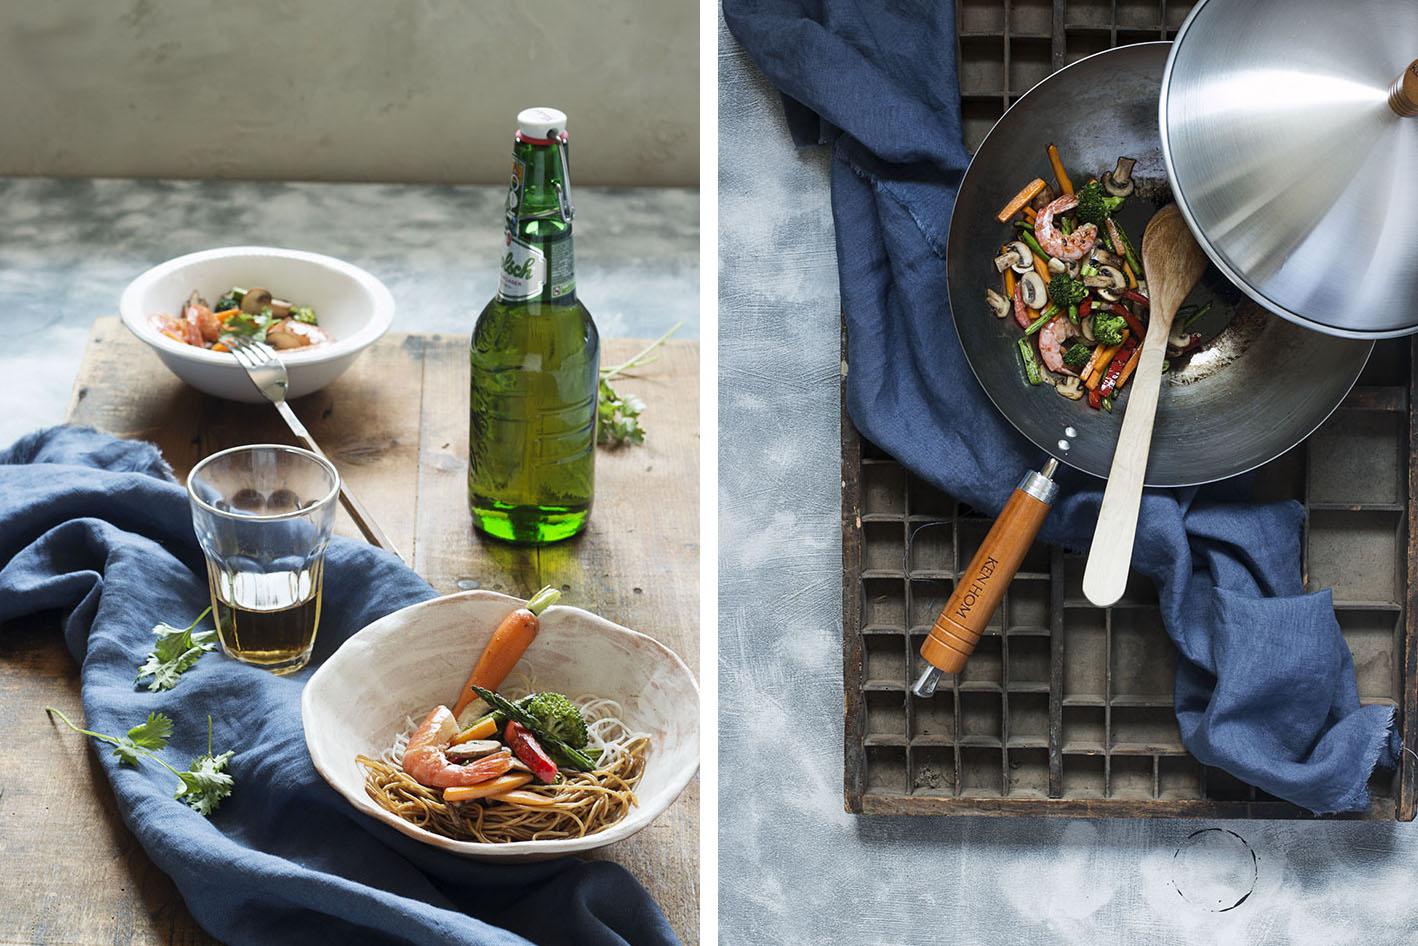 Cocinar con wok elecci n conservaci n y cocinado sweet - Cocinar con wok en vitroceramica ...